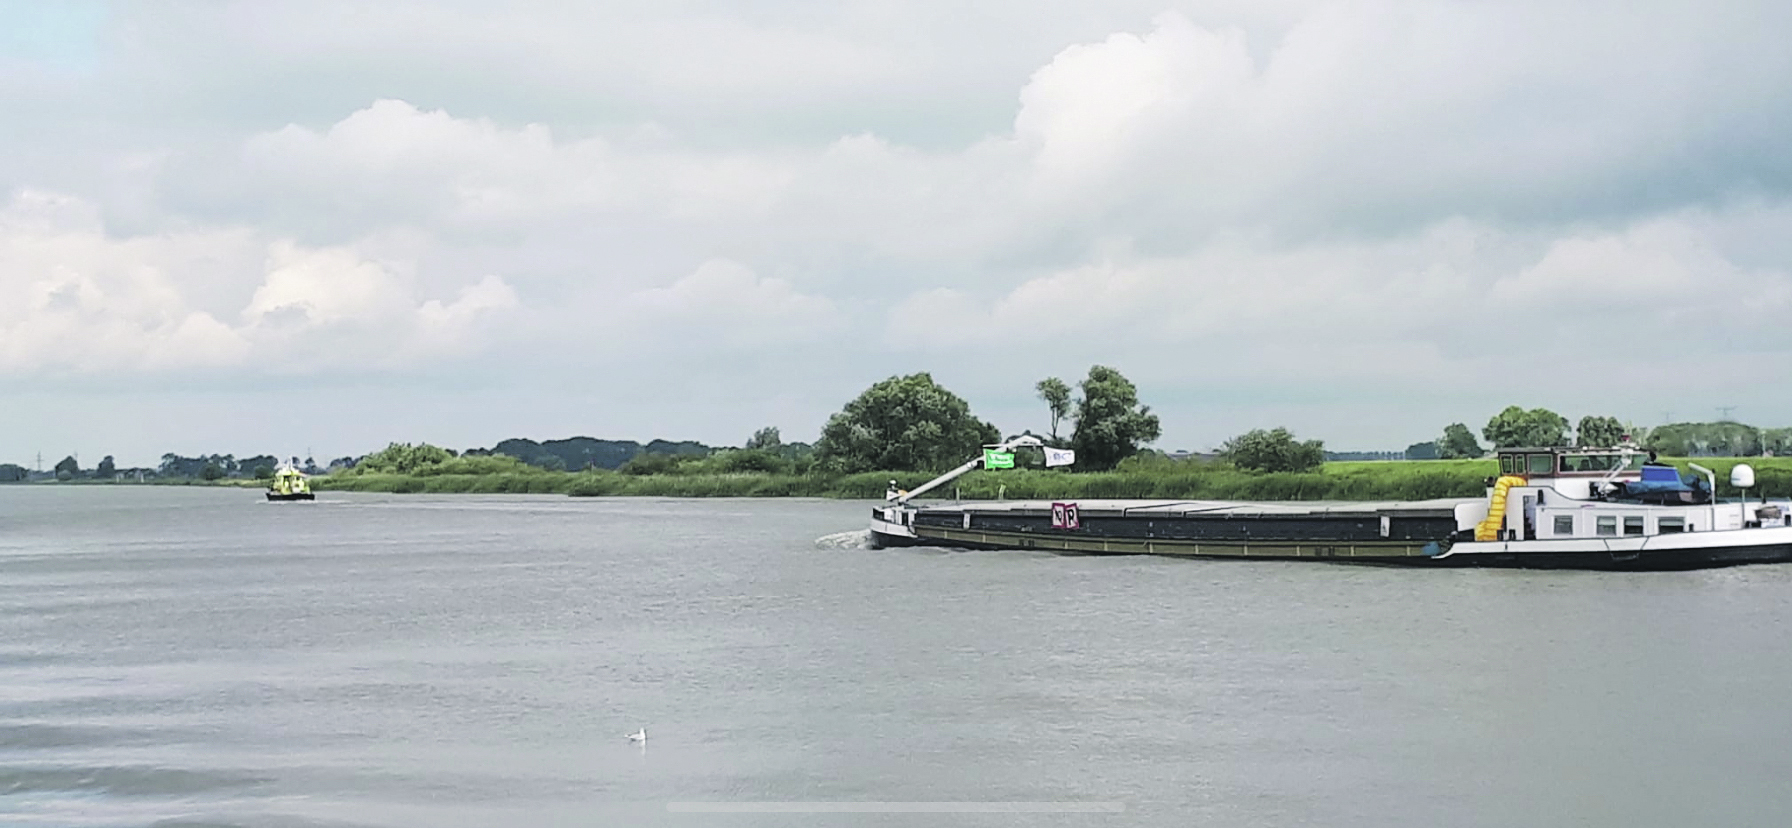 De Imatra voer onder begeleiding van Rijkswaterstaat. (Foto Jan Veldman)